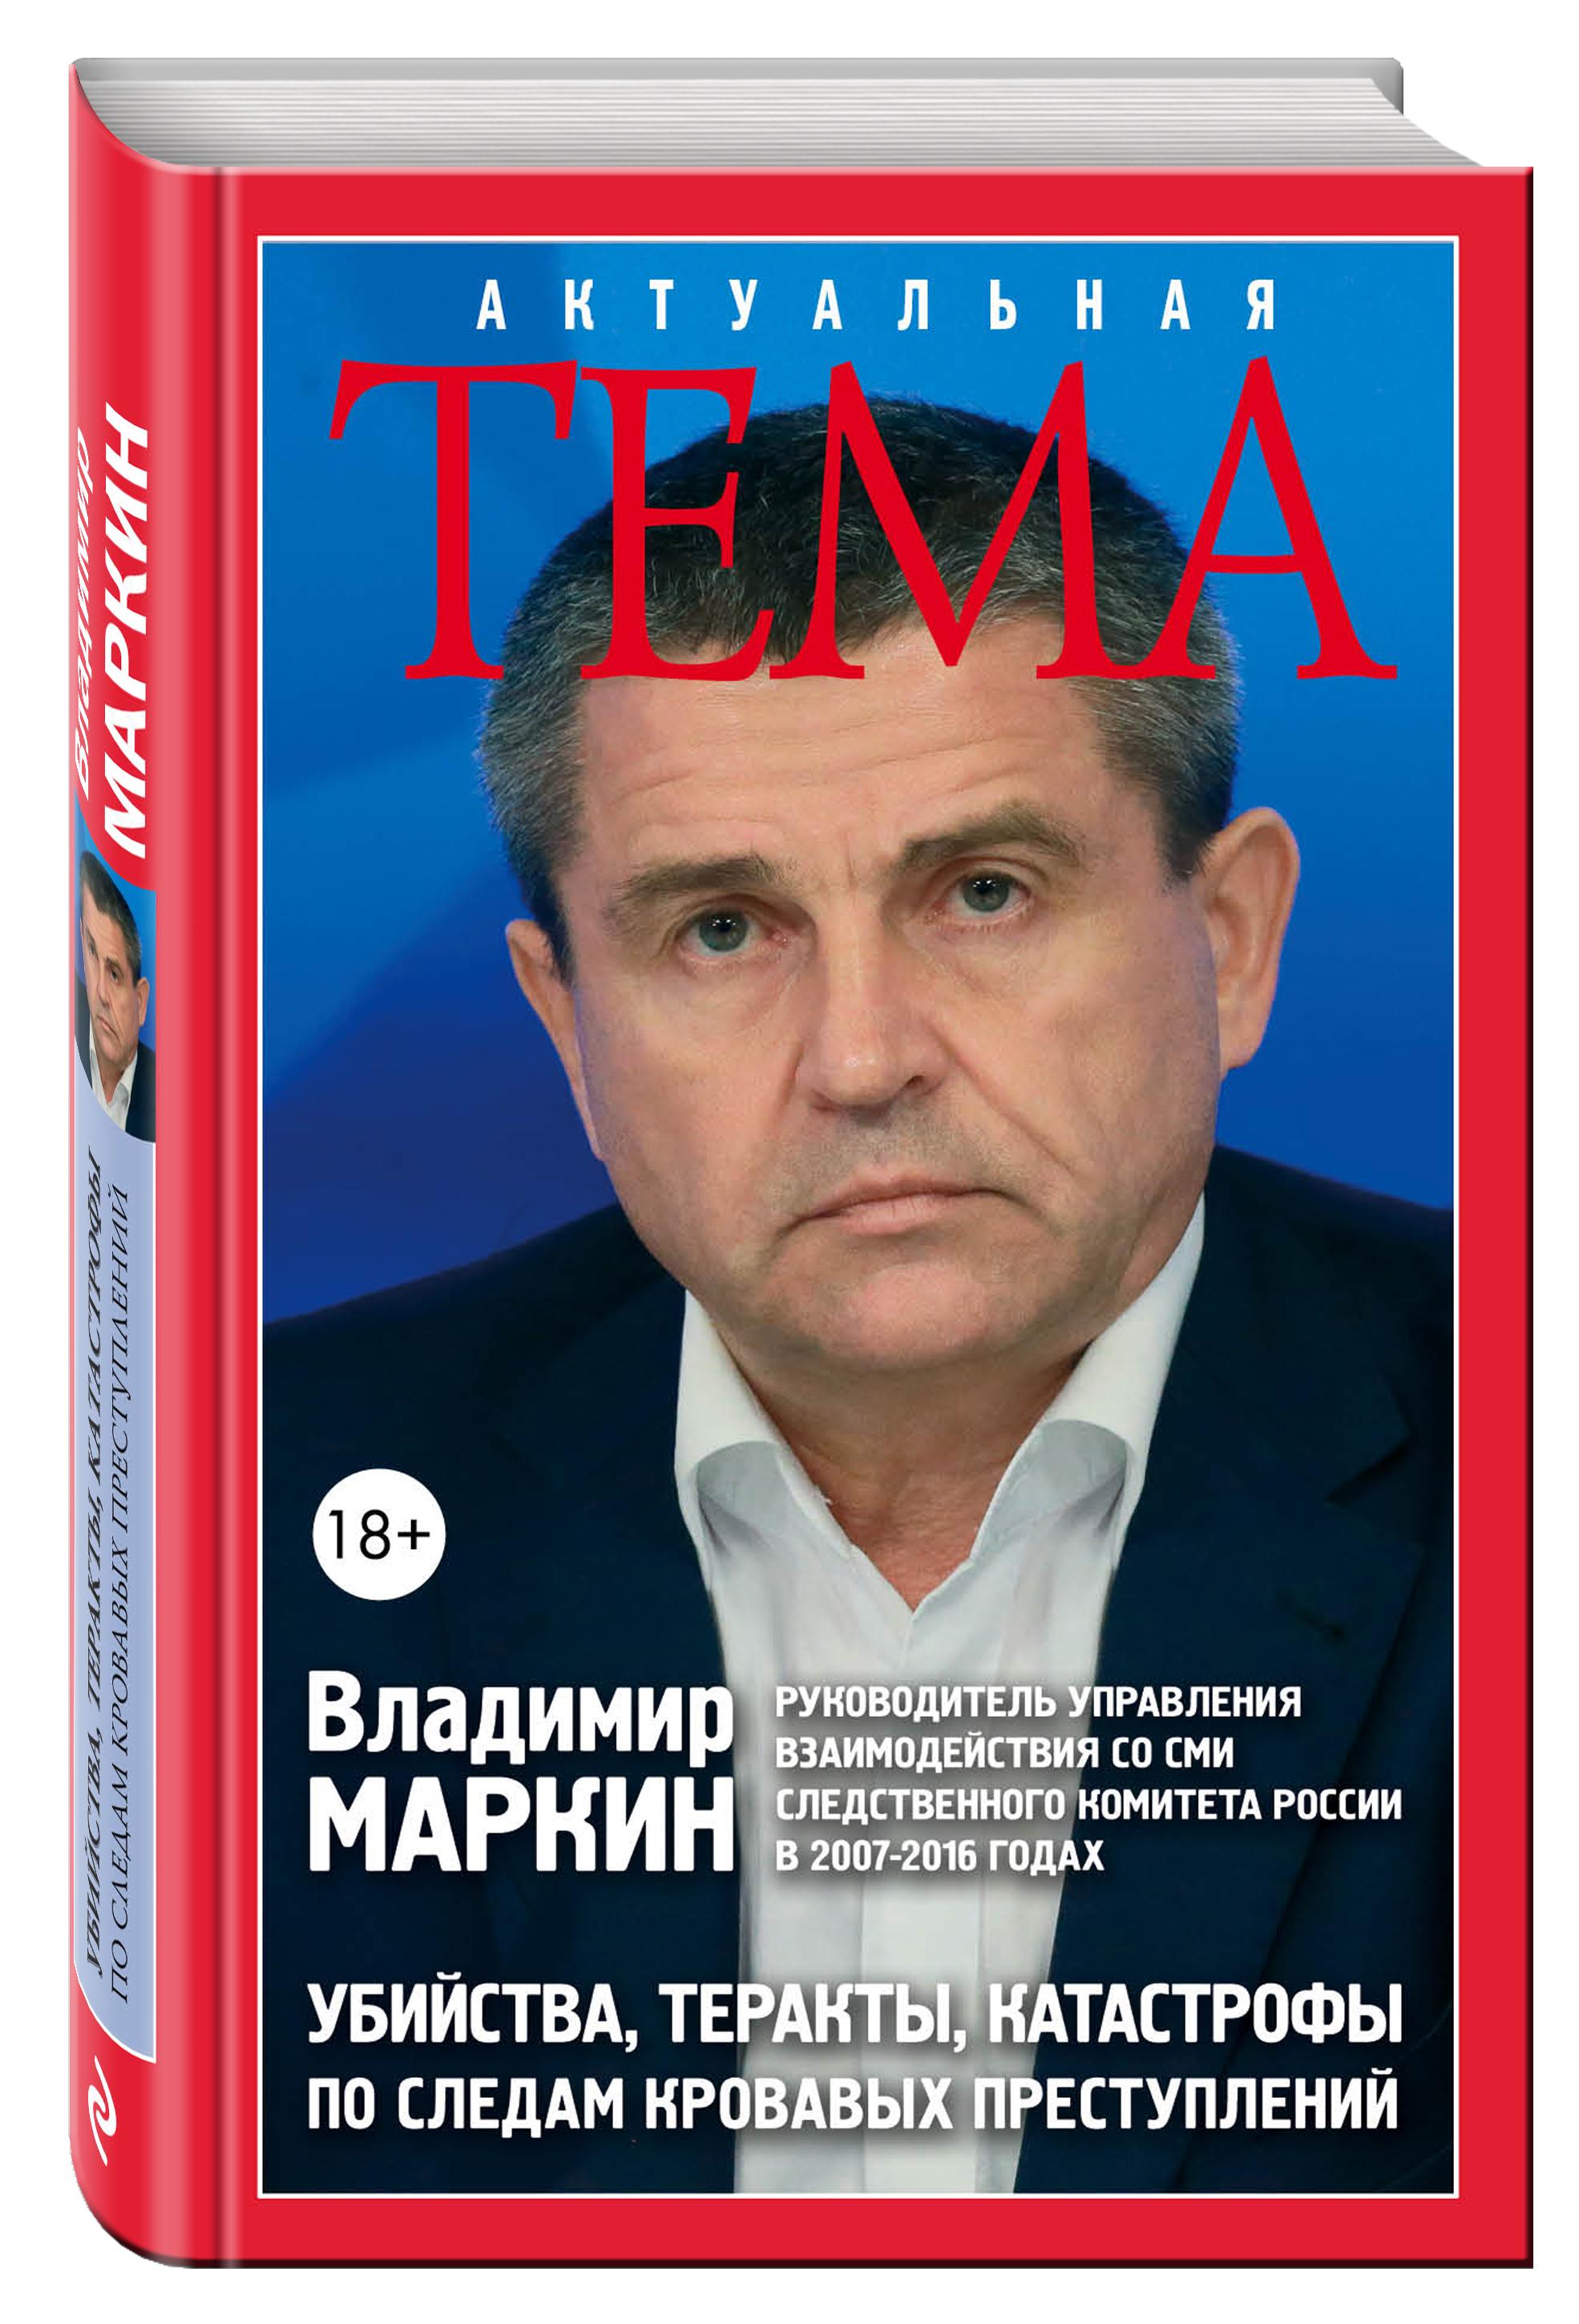 Владимир Маркин Убийства, теракты, катастрофы. По следам кровавых преступлений